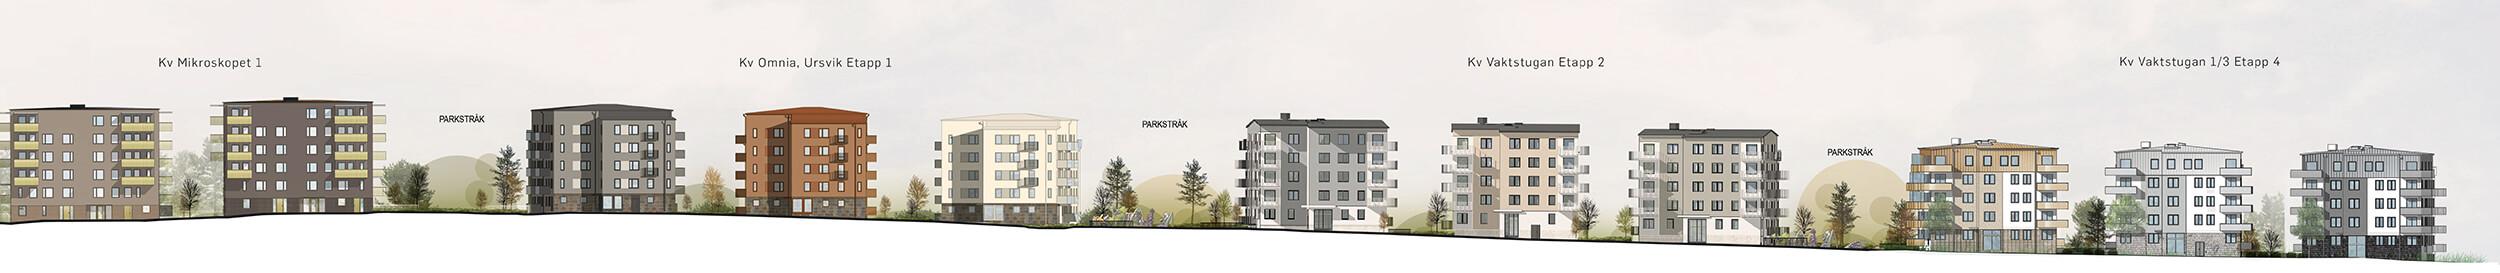 Gatuelevation.  Gestaltningen förstärker kvarterets identitet men stämmer väl med de tidigare etapper som Lindberg Stenberg har ritat i området. Arkitekturen respekterar områdets givna omständigheter, till exempel den branta terrängen.